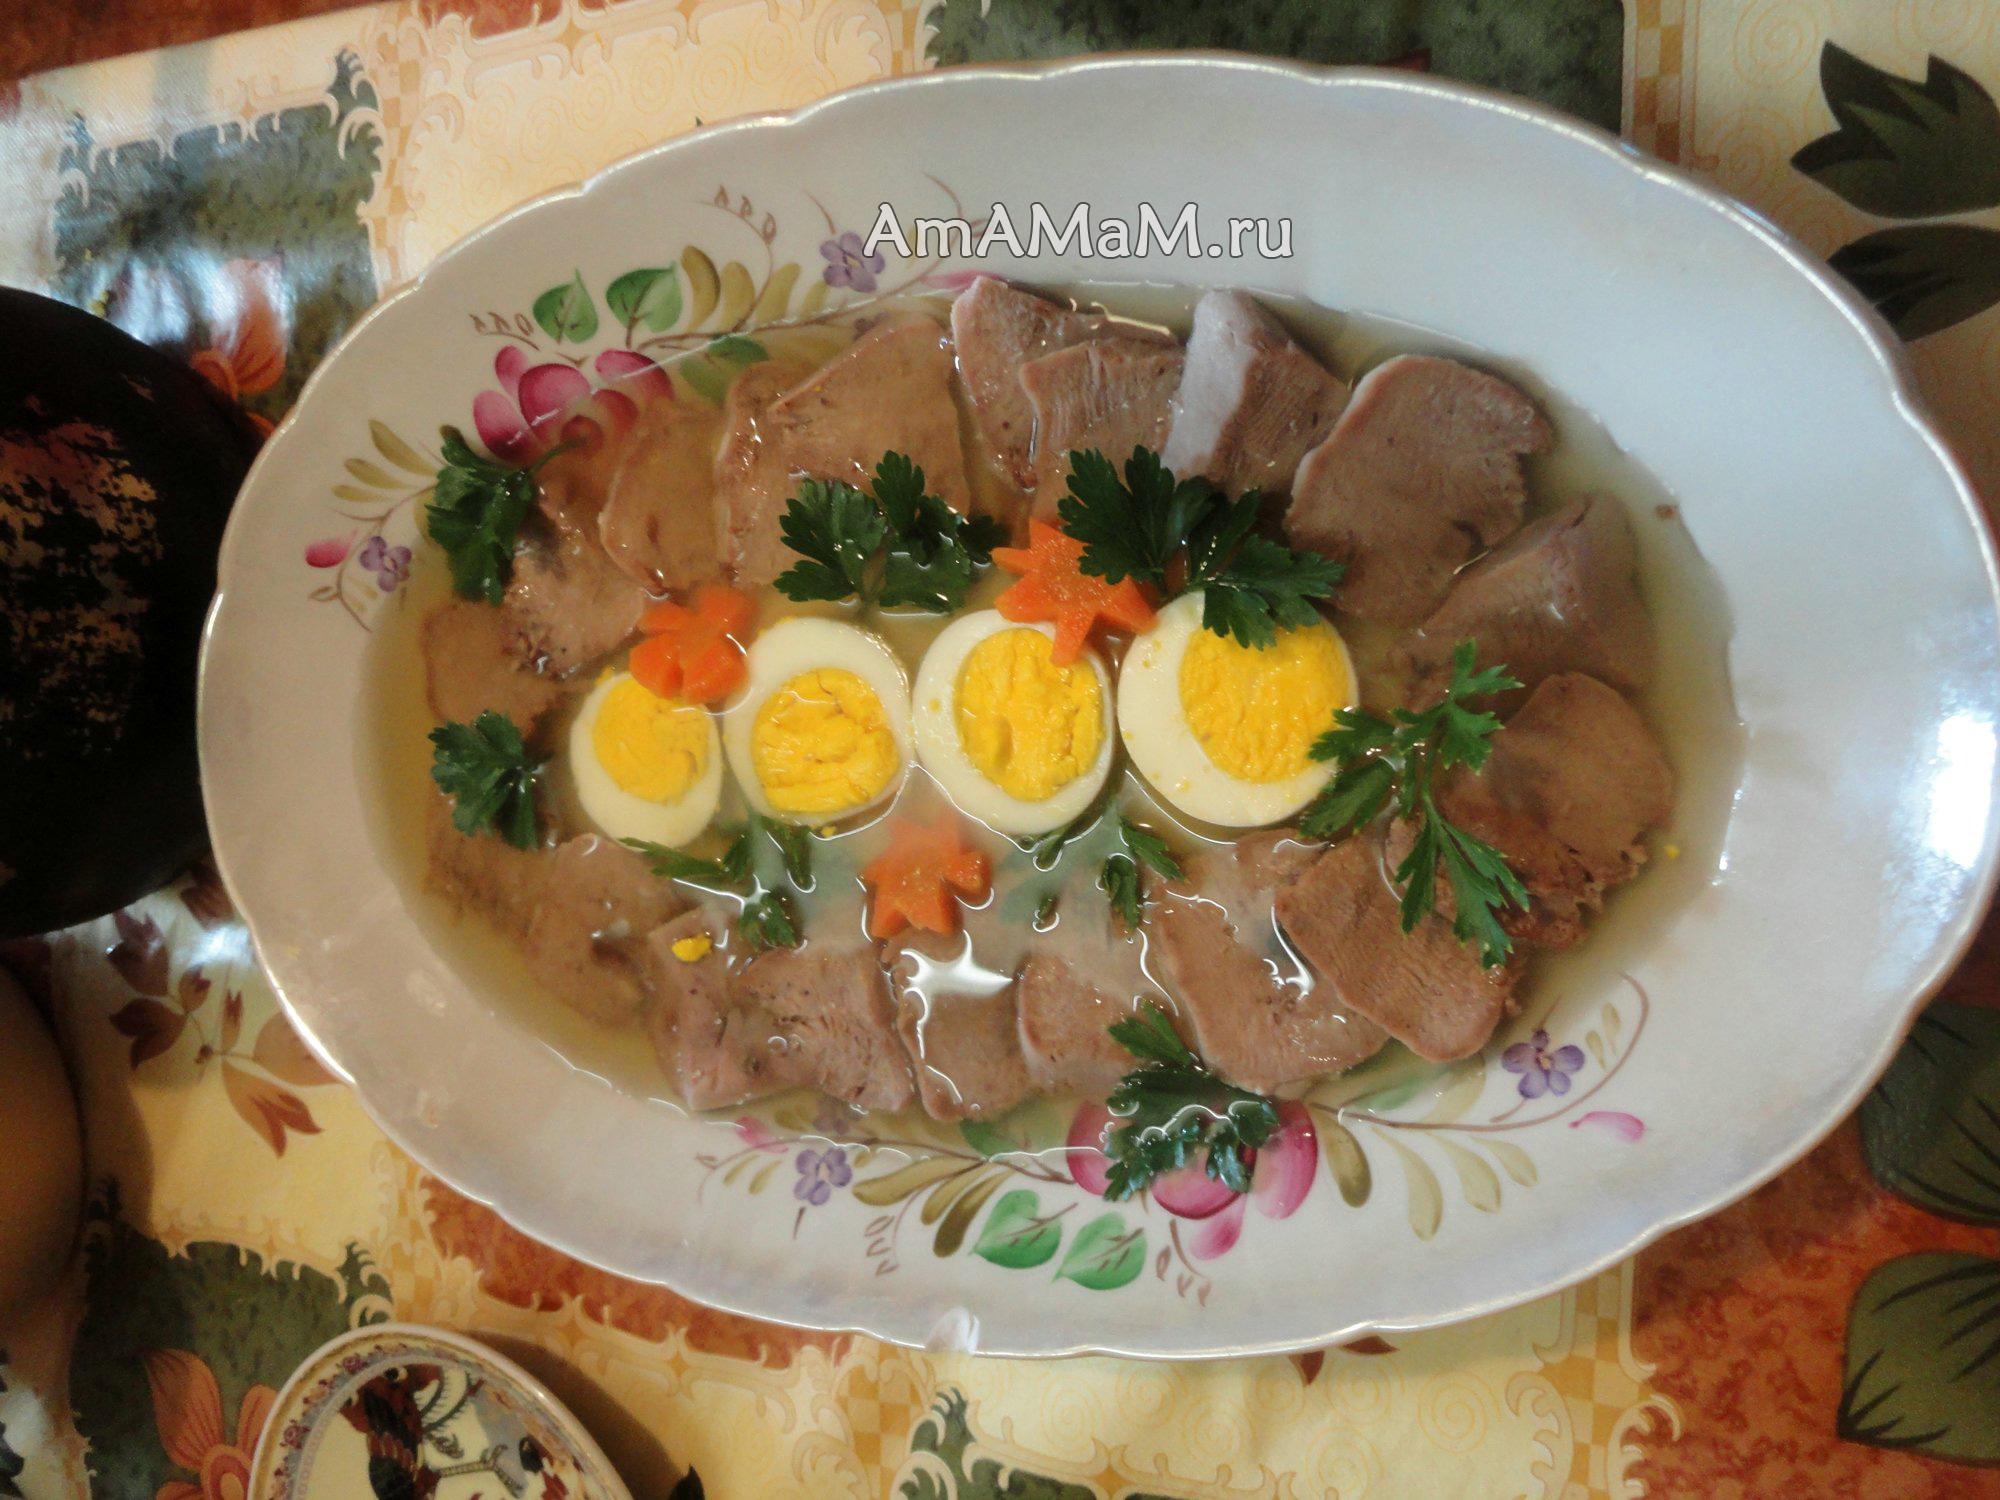 Язык заливной пошаговый рецепт с фото на готовим дома.